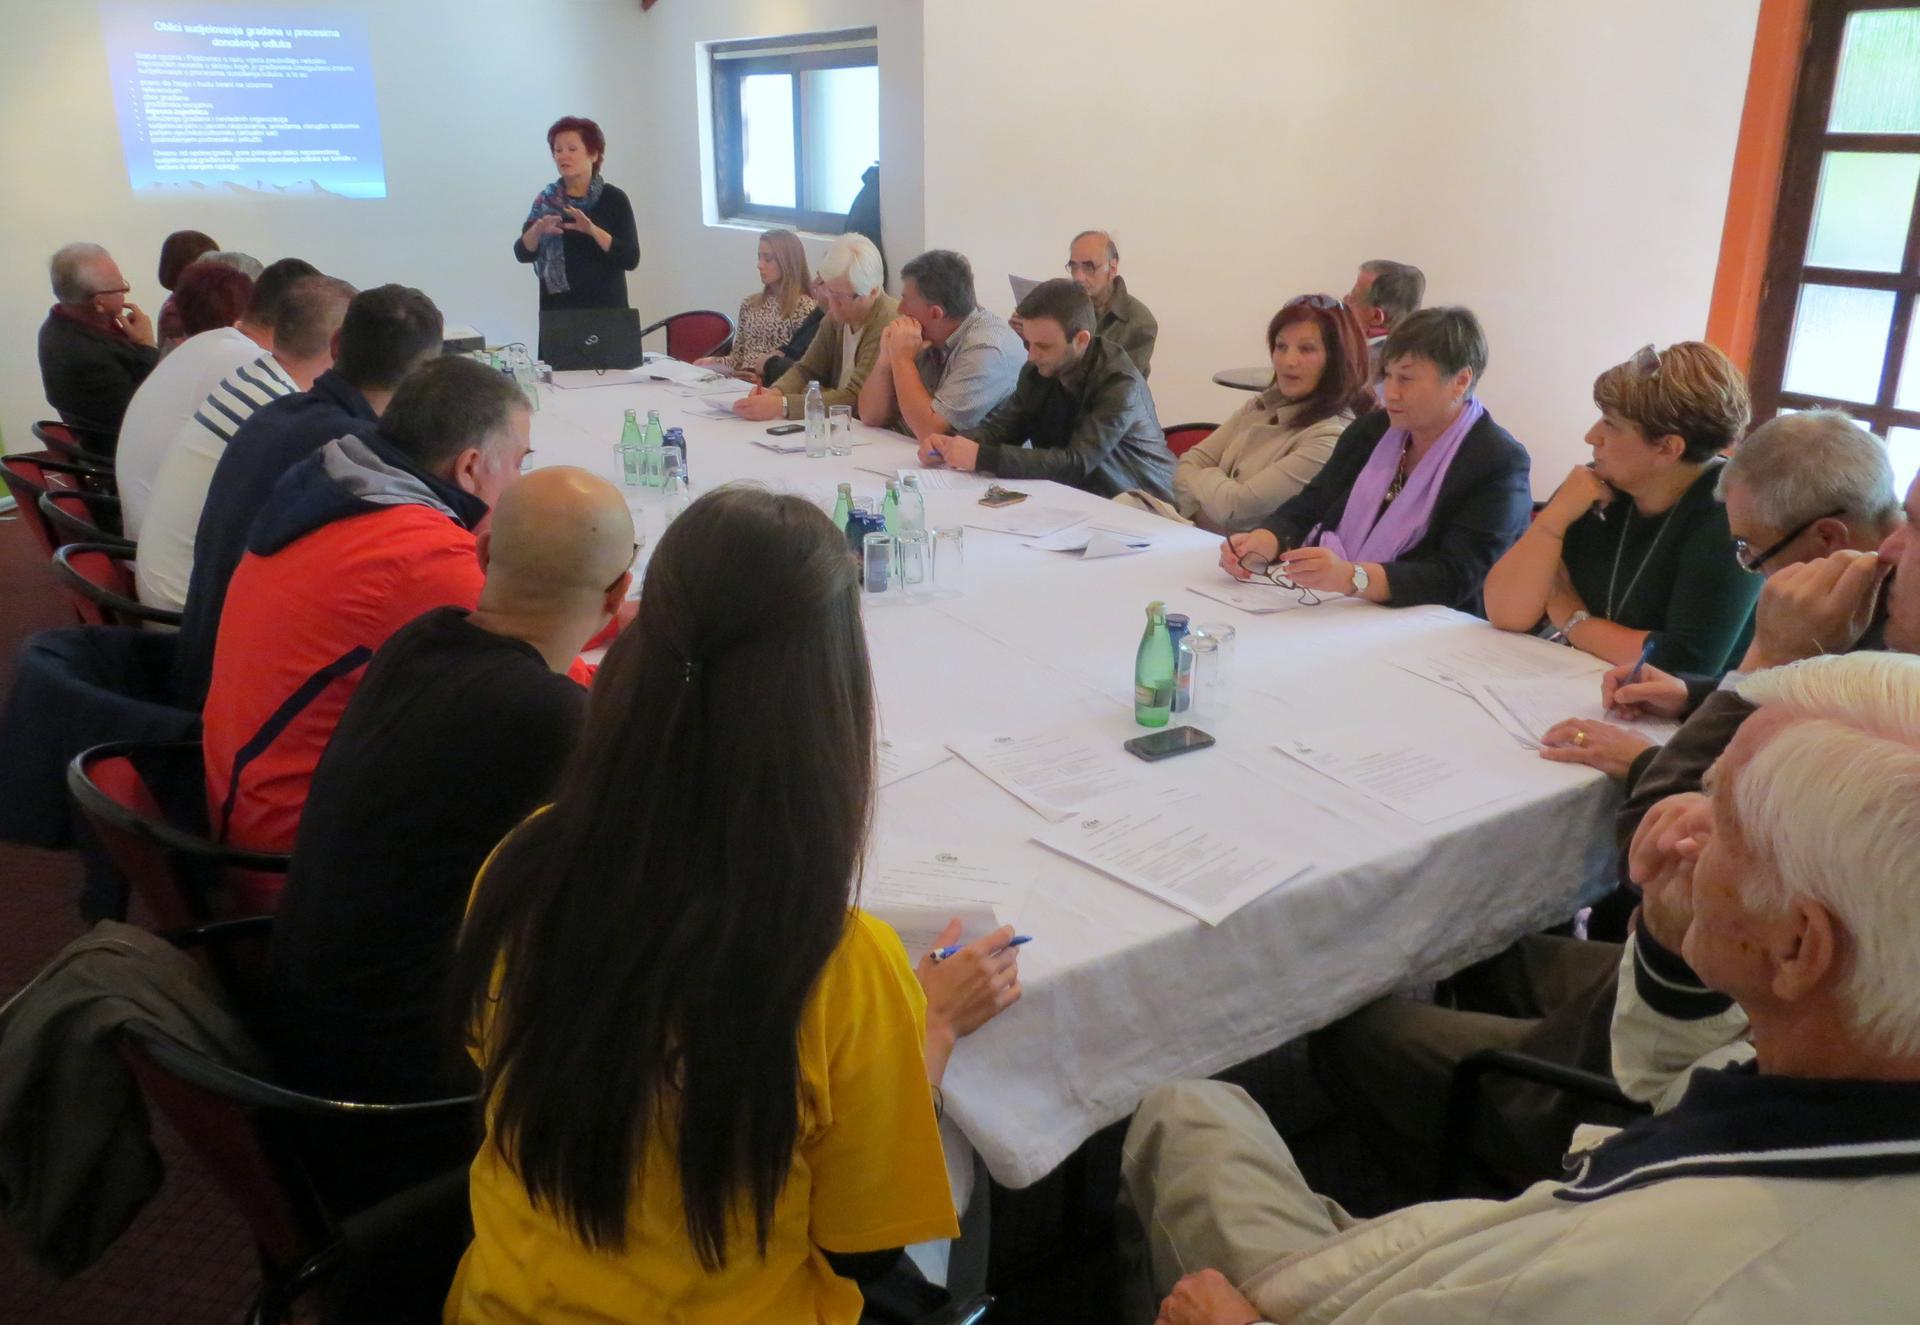 Obuka predstavnika Mjesnih zajednica iz Livna, Tomislavgrada, Posušja i Gruda